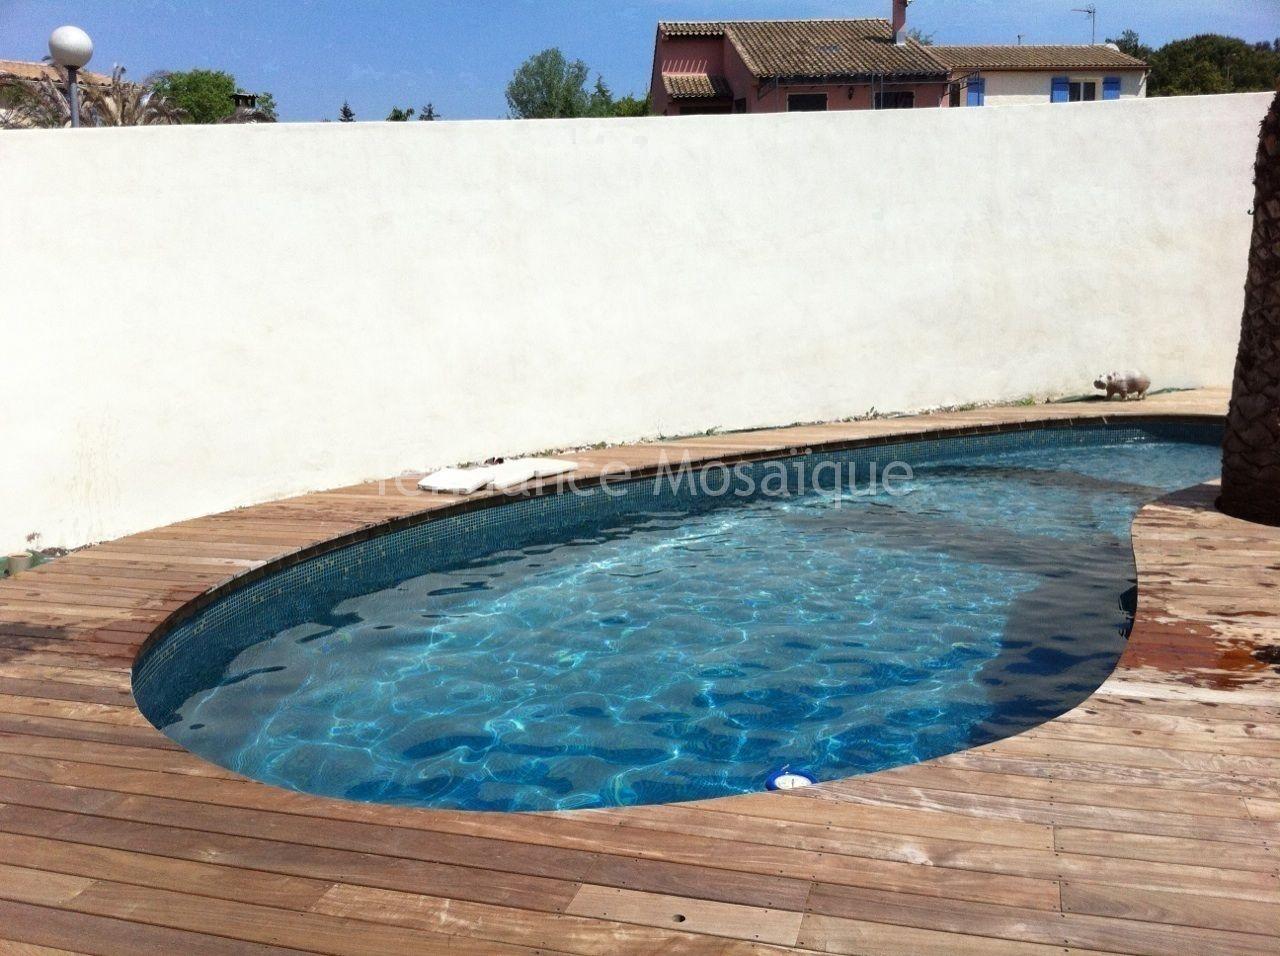 Piscine p te de verre dolce mosaic r f rence delia bleu for Pate de verre pour piscine